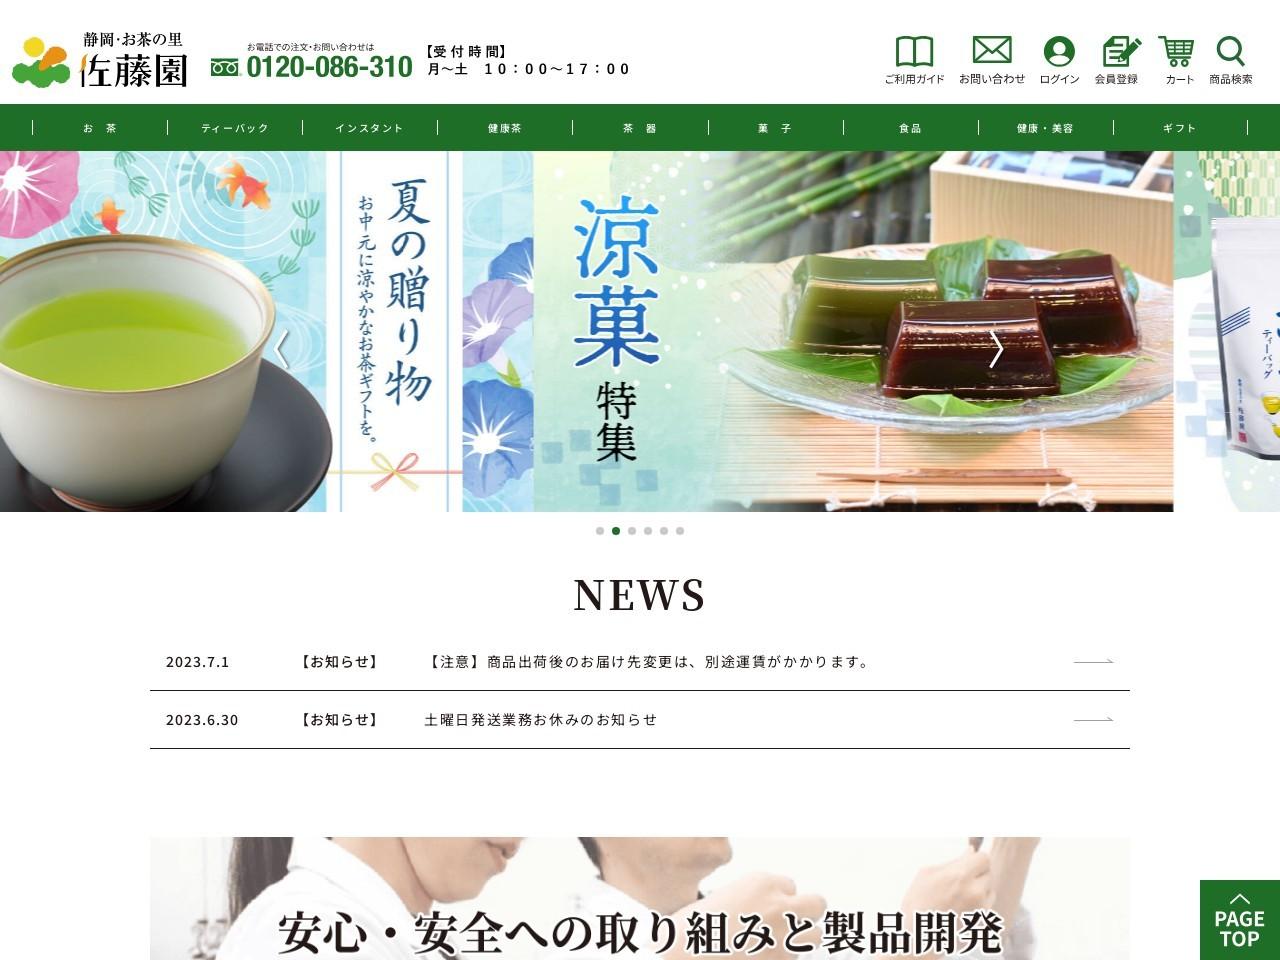 静岡・お茶の里 佐藤園の通販サイト